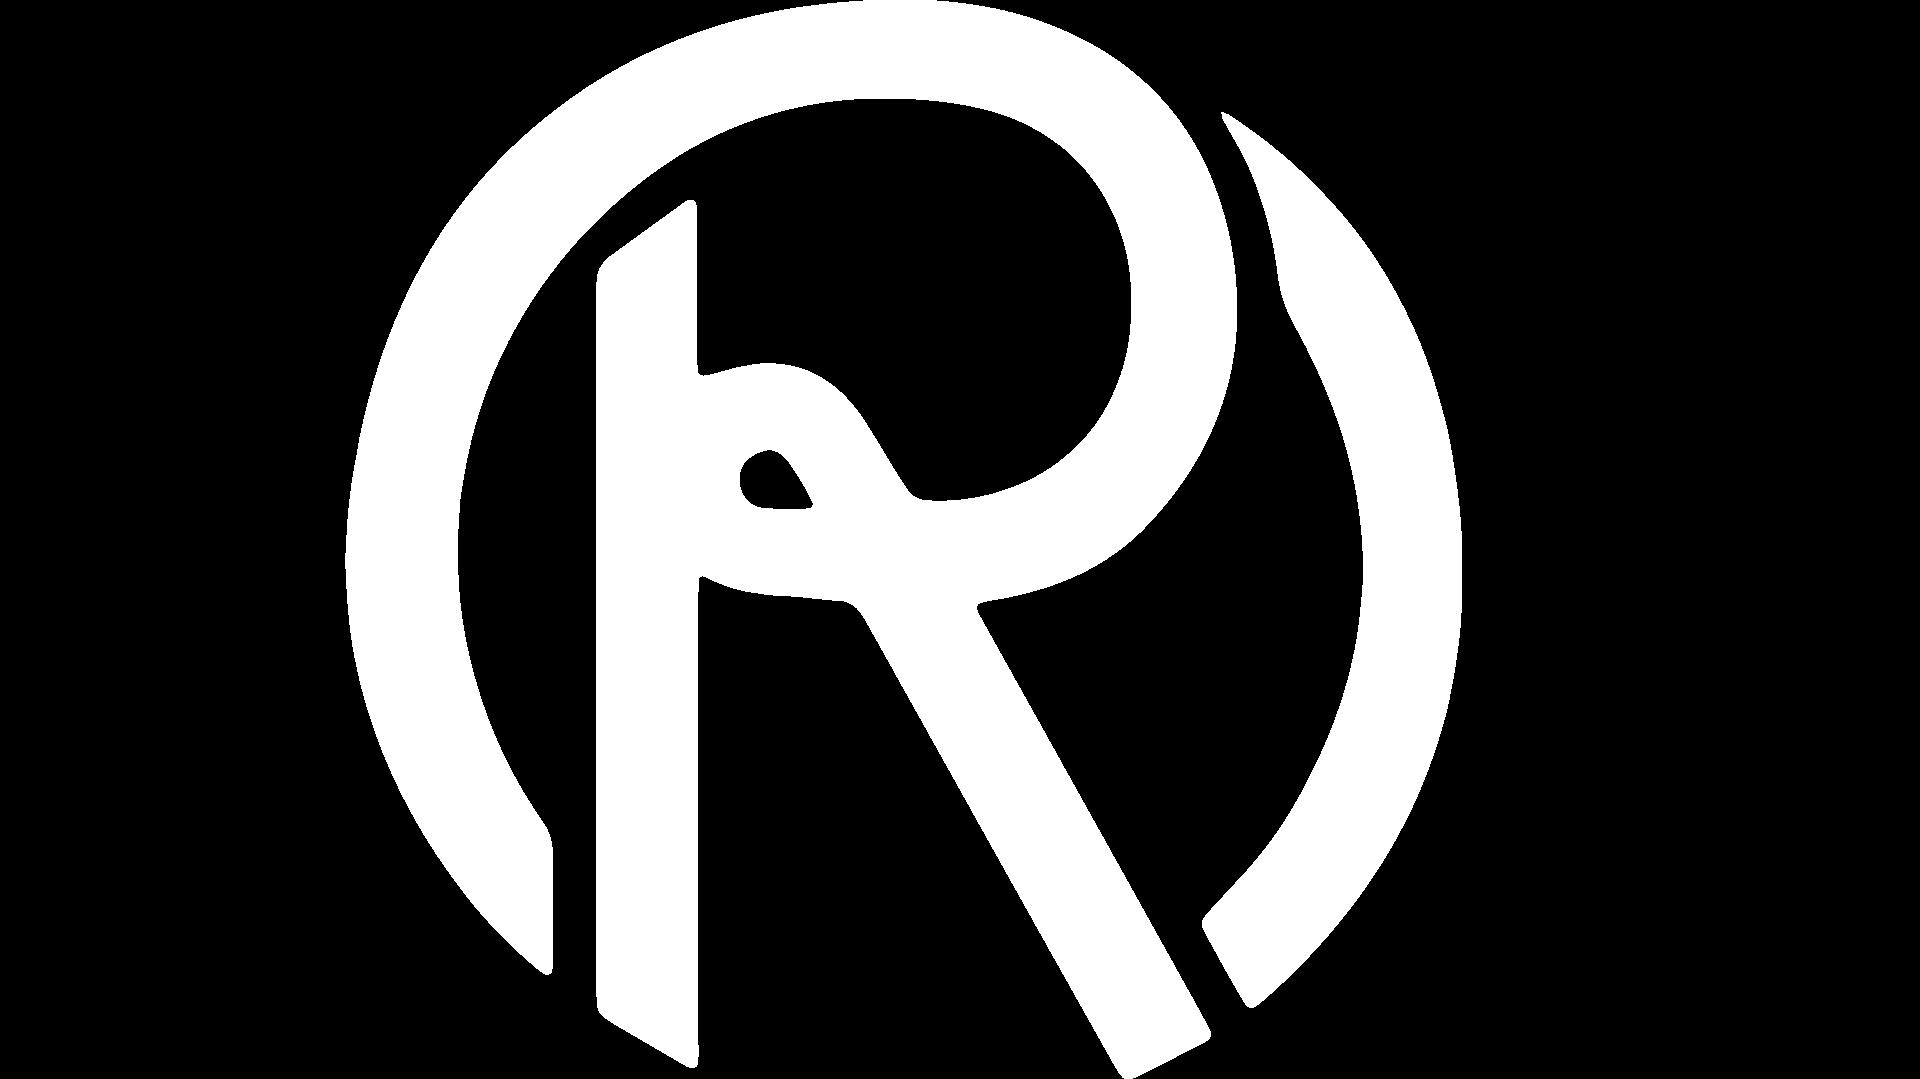 RamaTime